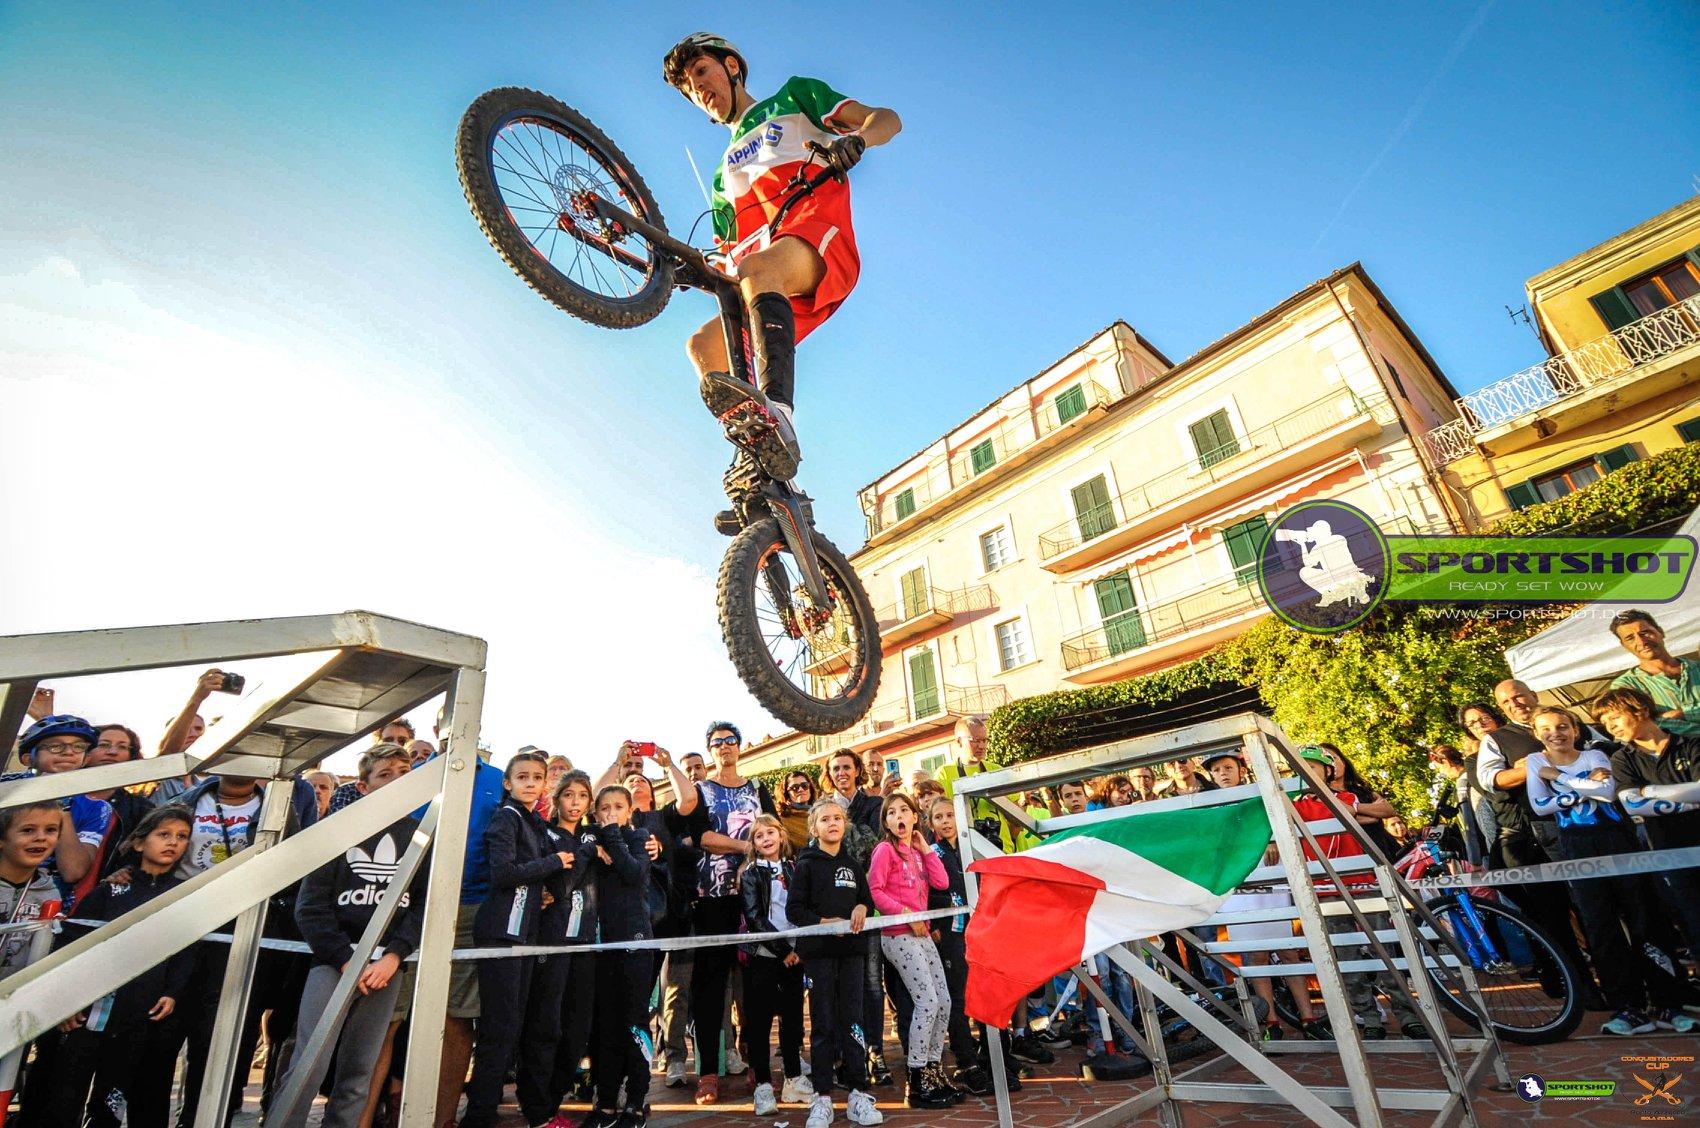 Conquistadores Cup: Favilli allo sprint su Casagrande e Chiara Burato per le donne